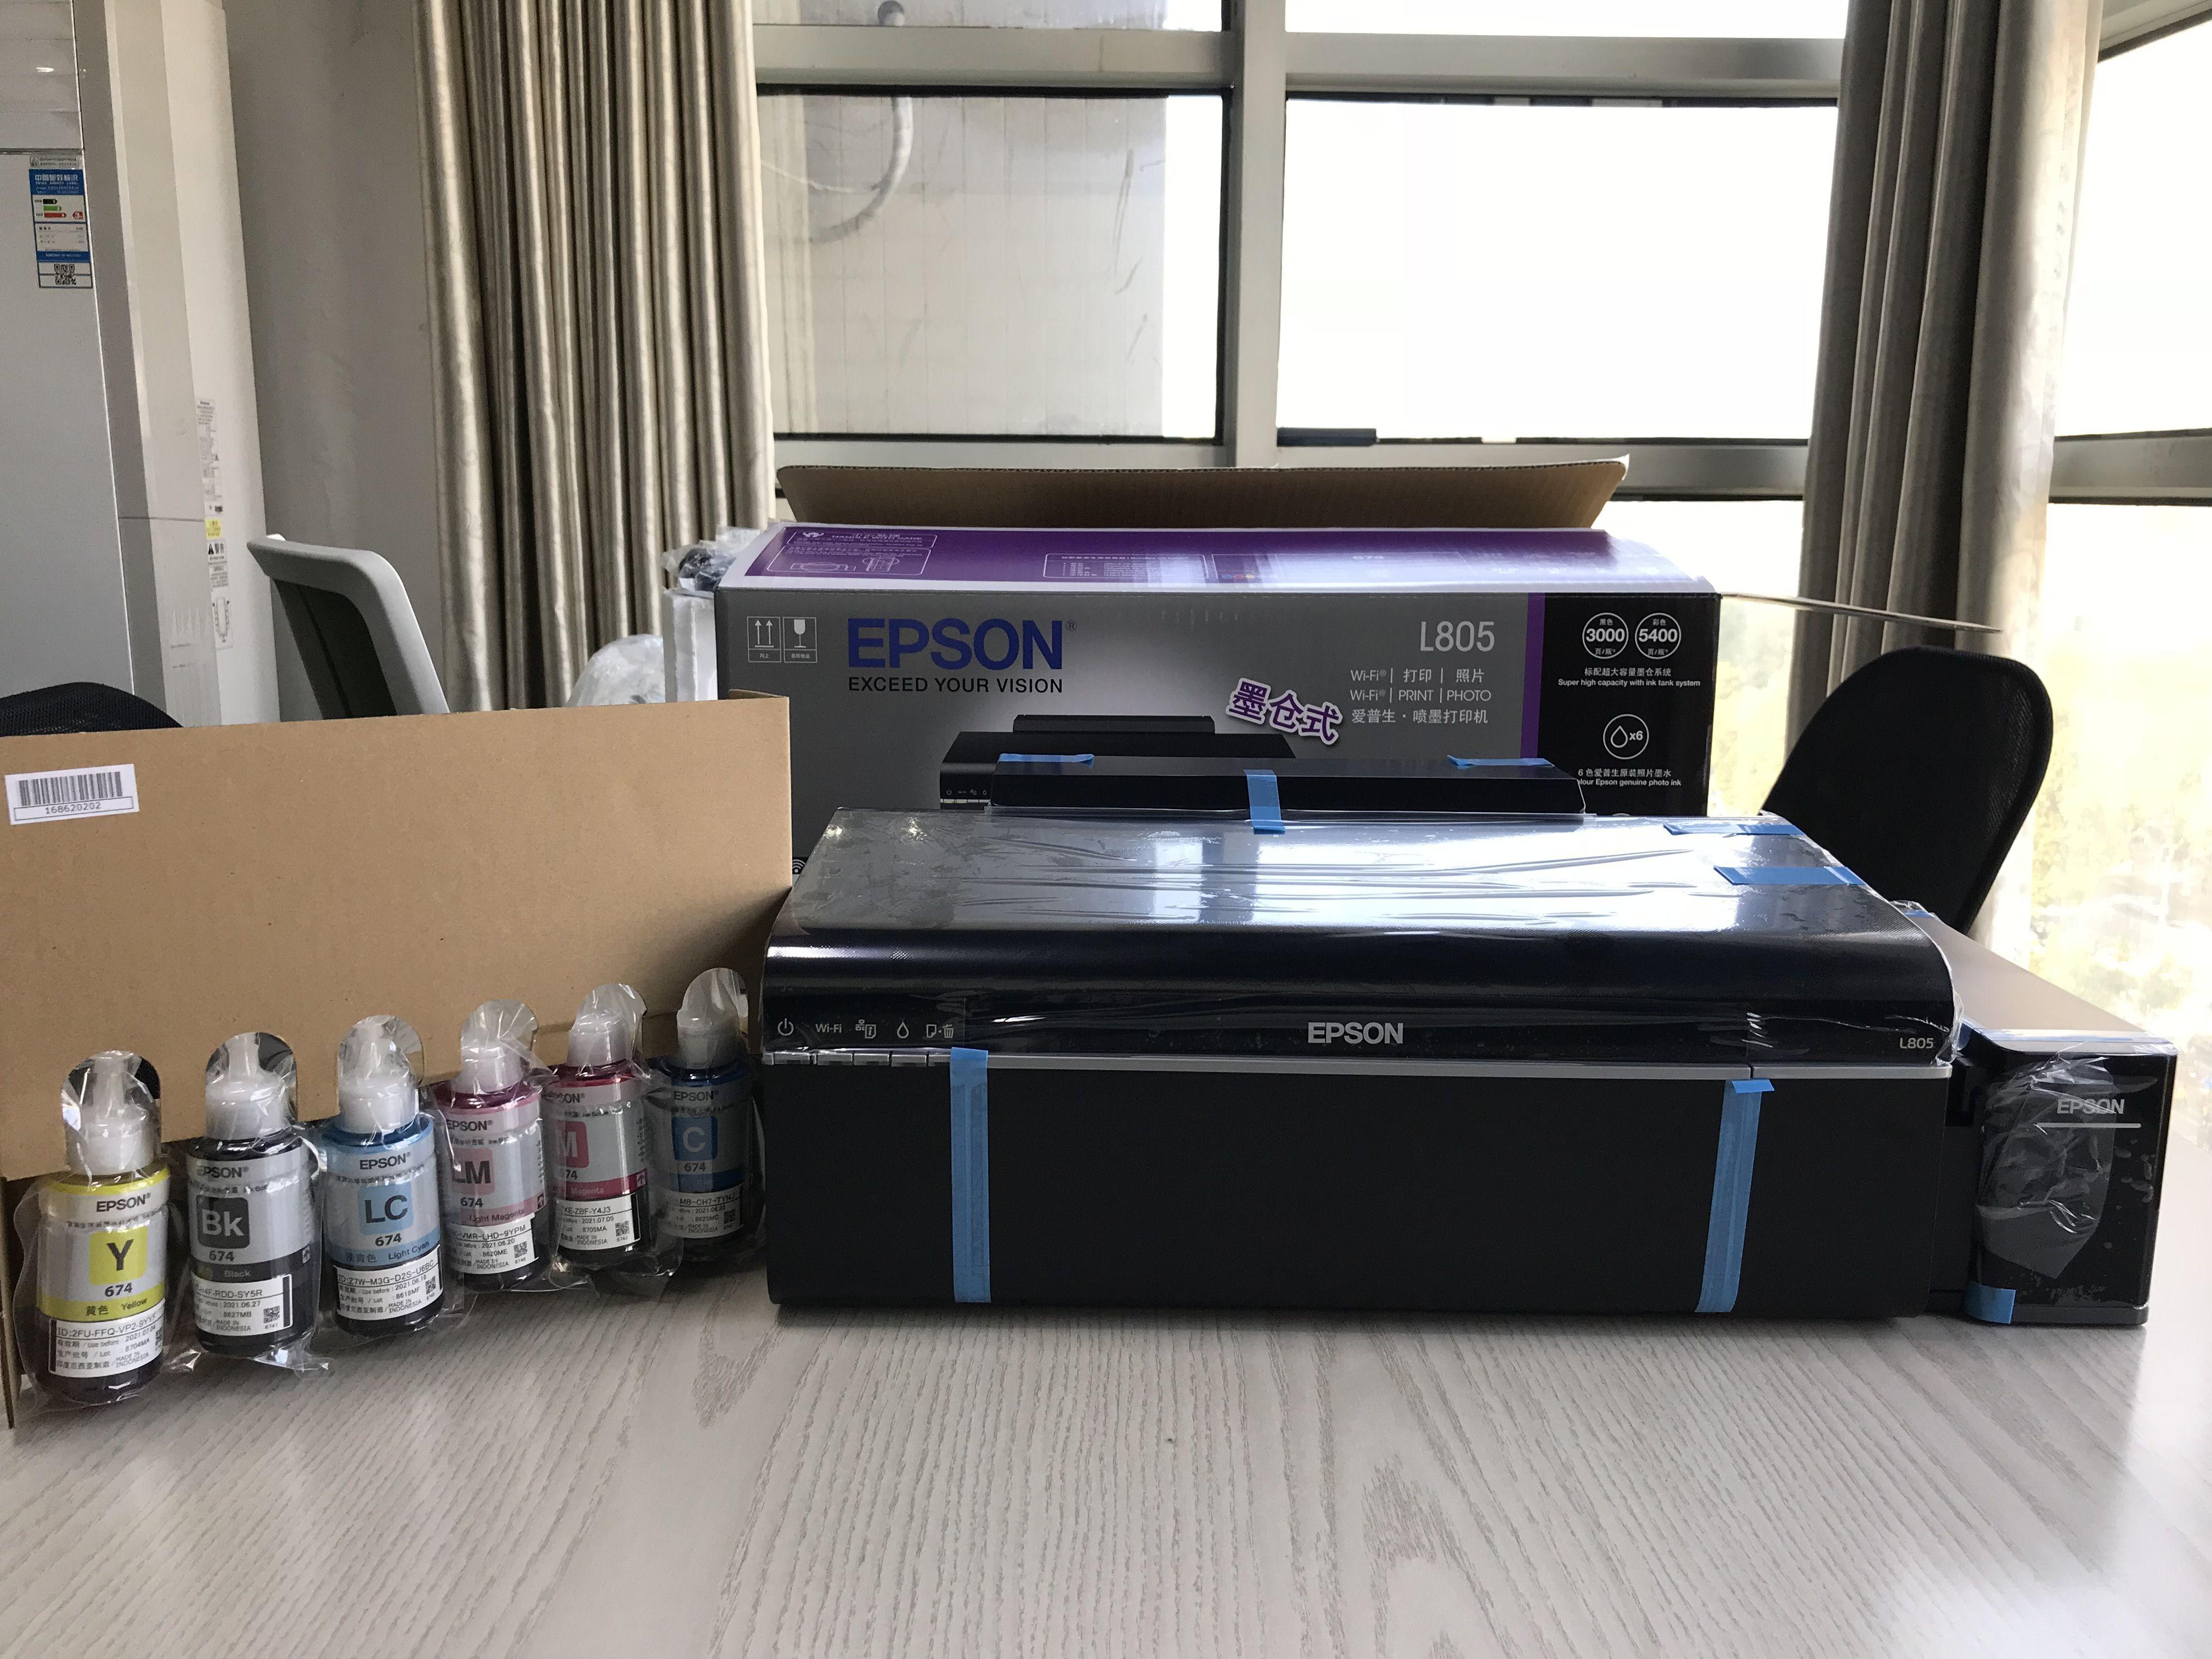 Epson Desktop L805 6-Color Wireless Photo Inkjet Printer